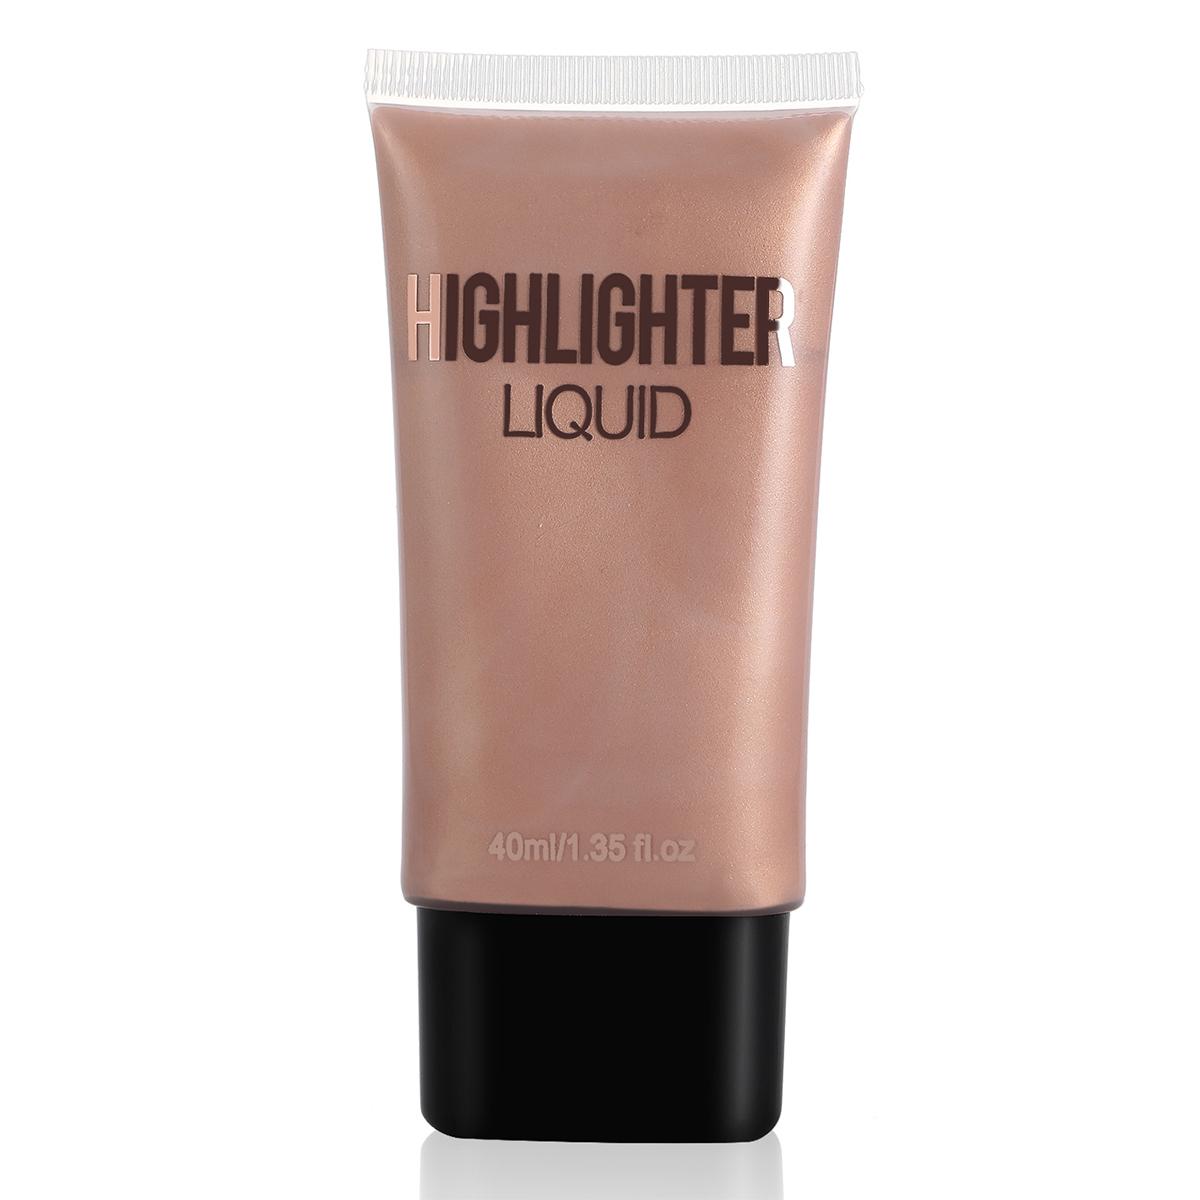 Liquid highlighter foundation